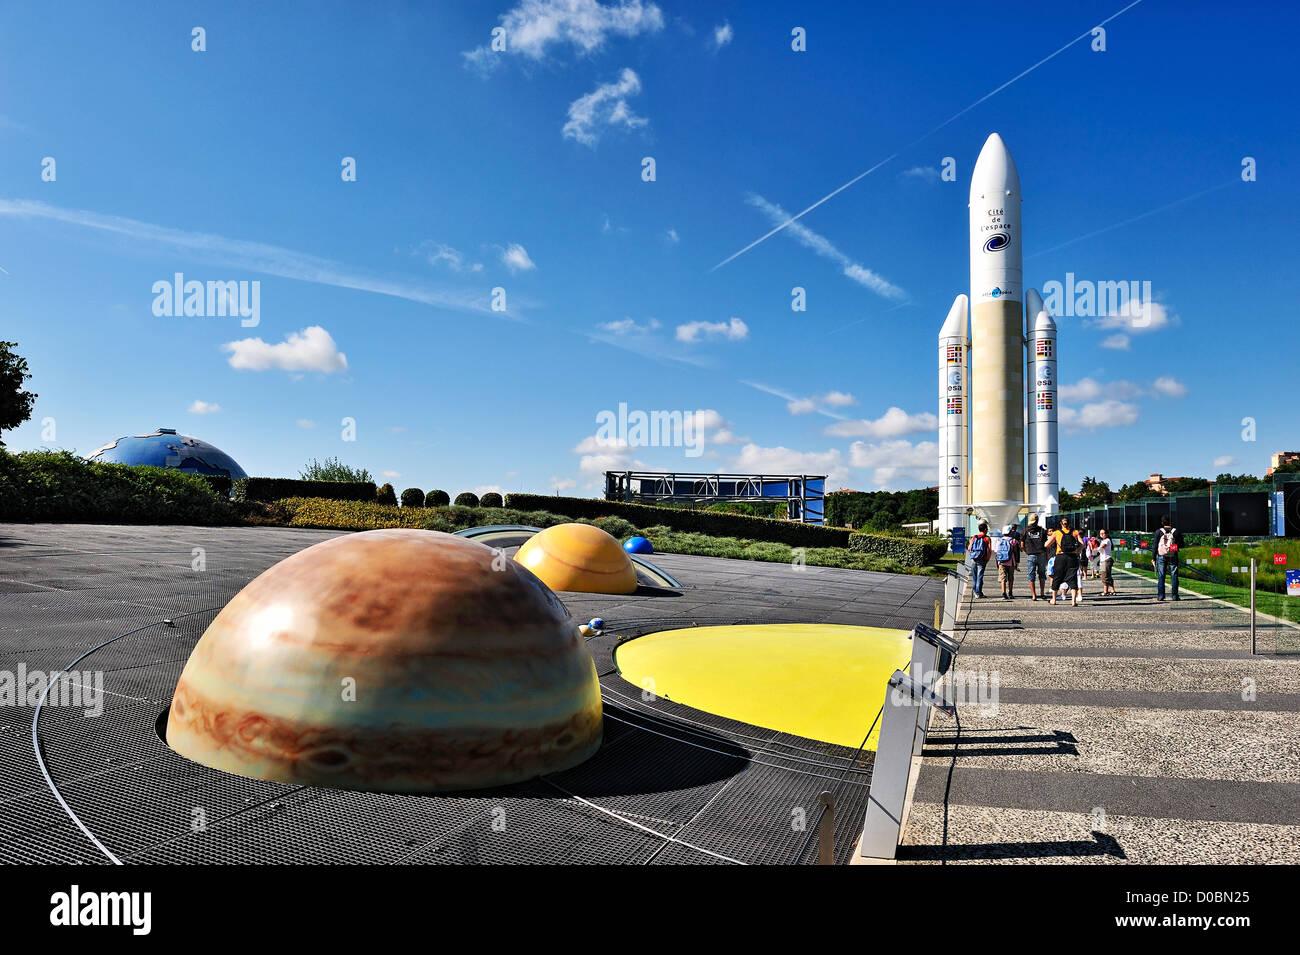 The Cite de l'Espace, Toulouse, France. - Stock Image